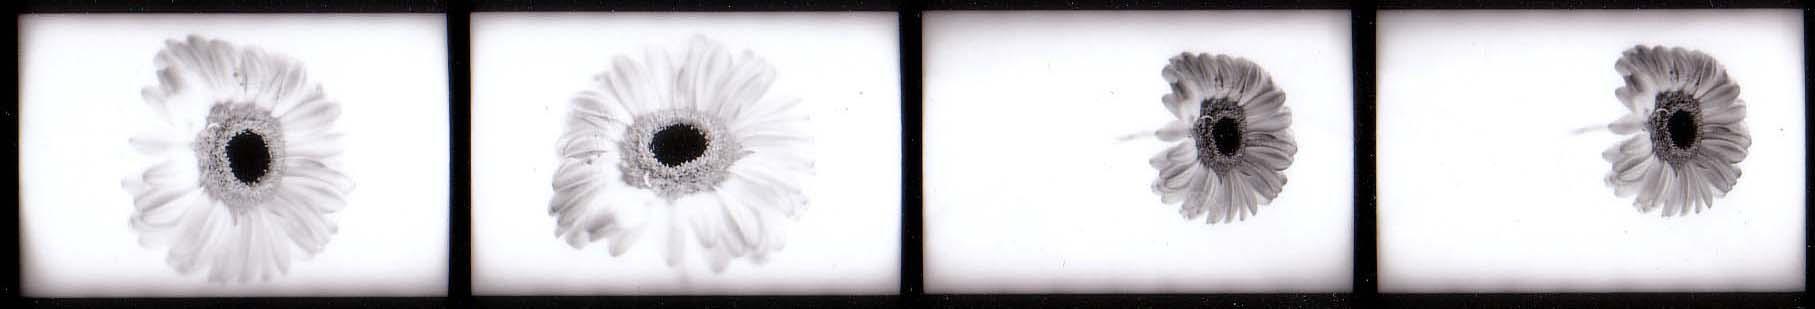 ringelblumen by damienhirst12